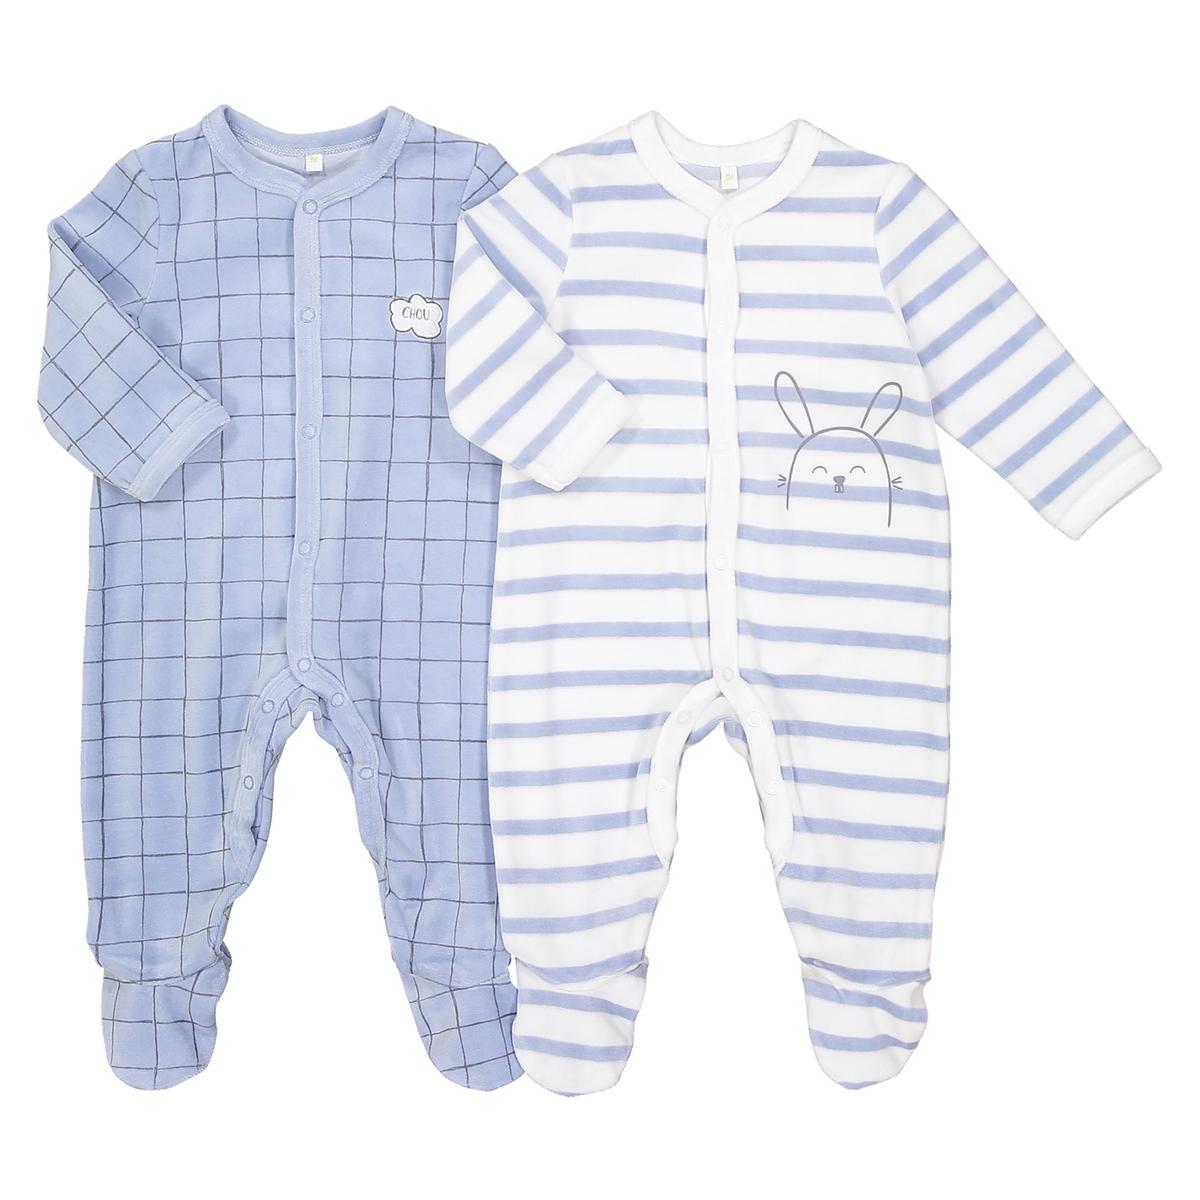 Комплект из 2 пижам с рисунком кролик, 0 мес. - 2 годаОписание:Комплект из 2 пижам. 2 красивые пижамы нежных цветов: 1 пижама в клетку, 1 пижама в полоску.Детали •  Комплект из 2 пижам с длинными рукавами и брючинами. •  1 пижама в полоску белого и синего цвета с набивным рисунком кролик.    •  1 пижама в полоску и мелкую клетку синего цвета с набивным рисунком.  •  Носки с противоскользящими элементами для размеров от 12 месяцев  (74 см).  •  Застежка на кнопки спереди. •  Круглый вырез.Состав и уход •  Материал : 75% хлопка, 25% полиэстера. •  Стирать при температуре 30° в деликатном режиме с вещами схожих цветов. •  Стирать и гладить с изнанки при низкой температуре. •  Машинная сушка запрещена.<br><br>Цвет: в полоску синий + белый